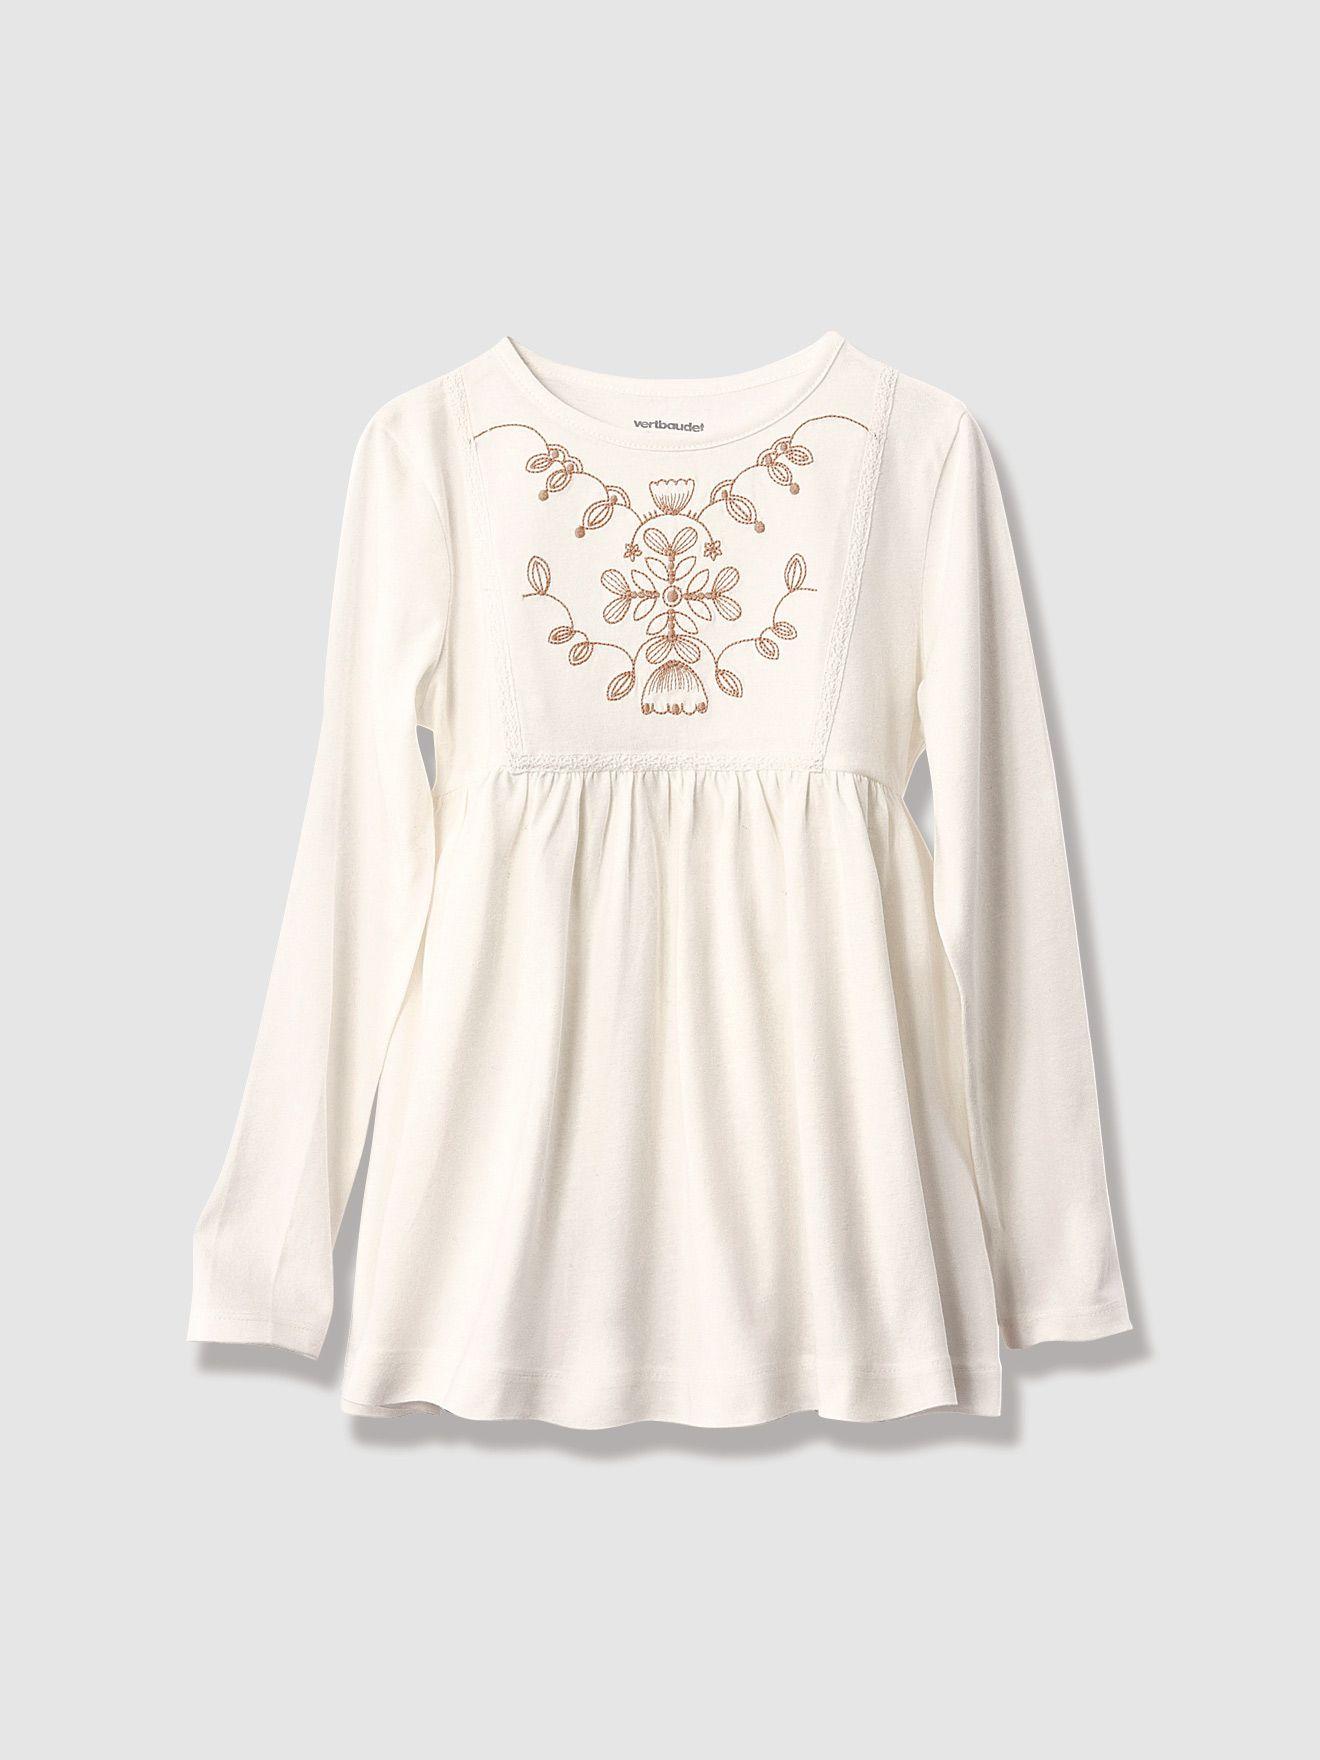 Adoramos os detalhes bordados desta camisola, para usar como uma blusa. Camisola para menina de mangas compridas. Plastrão efeito bordado e barra em m-Menina 2-14 anos-Vertbaudet-Camisola efeito blusa, para menina